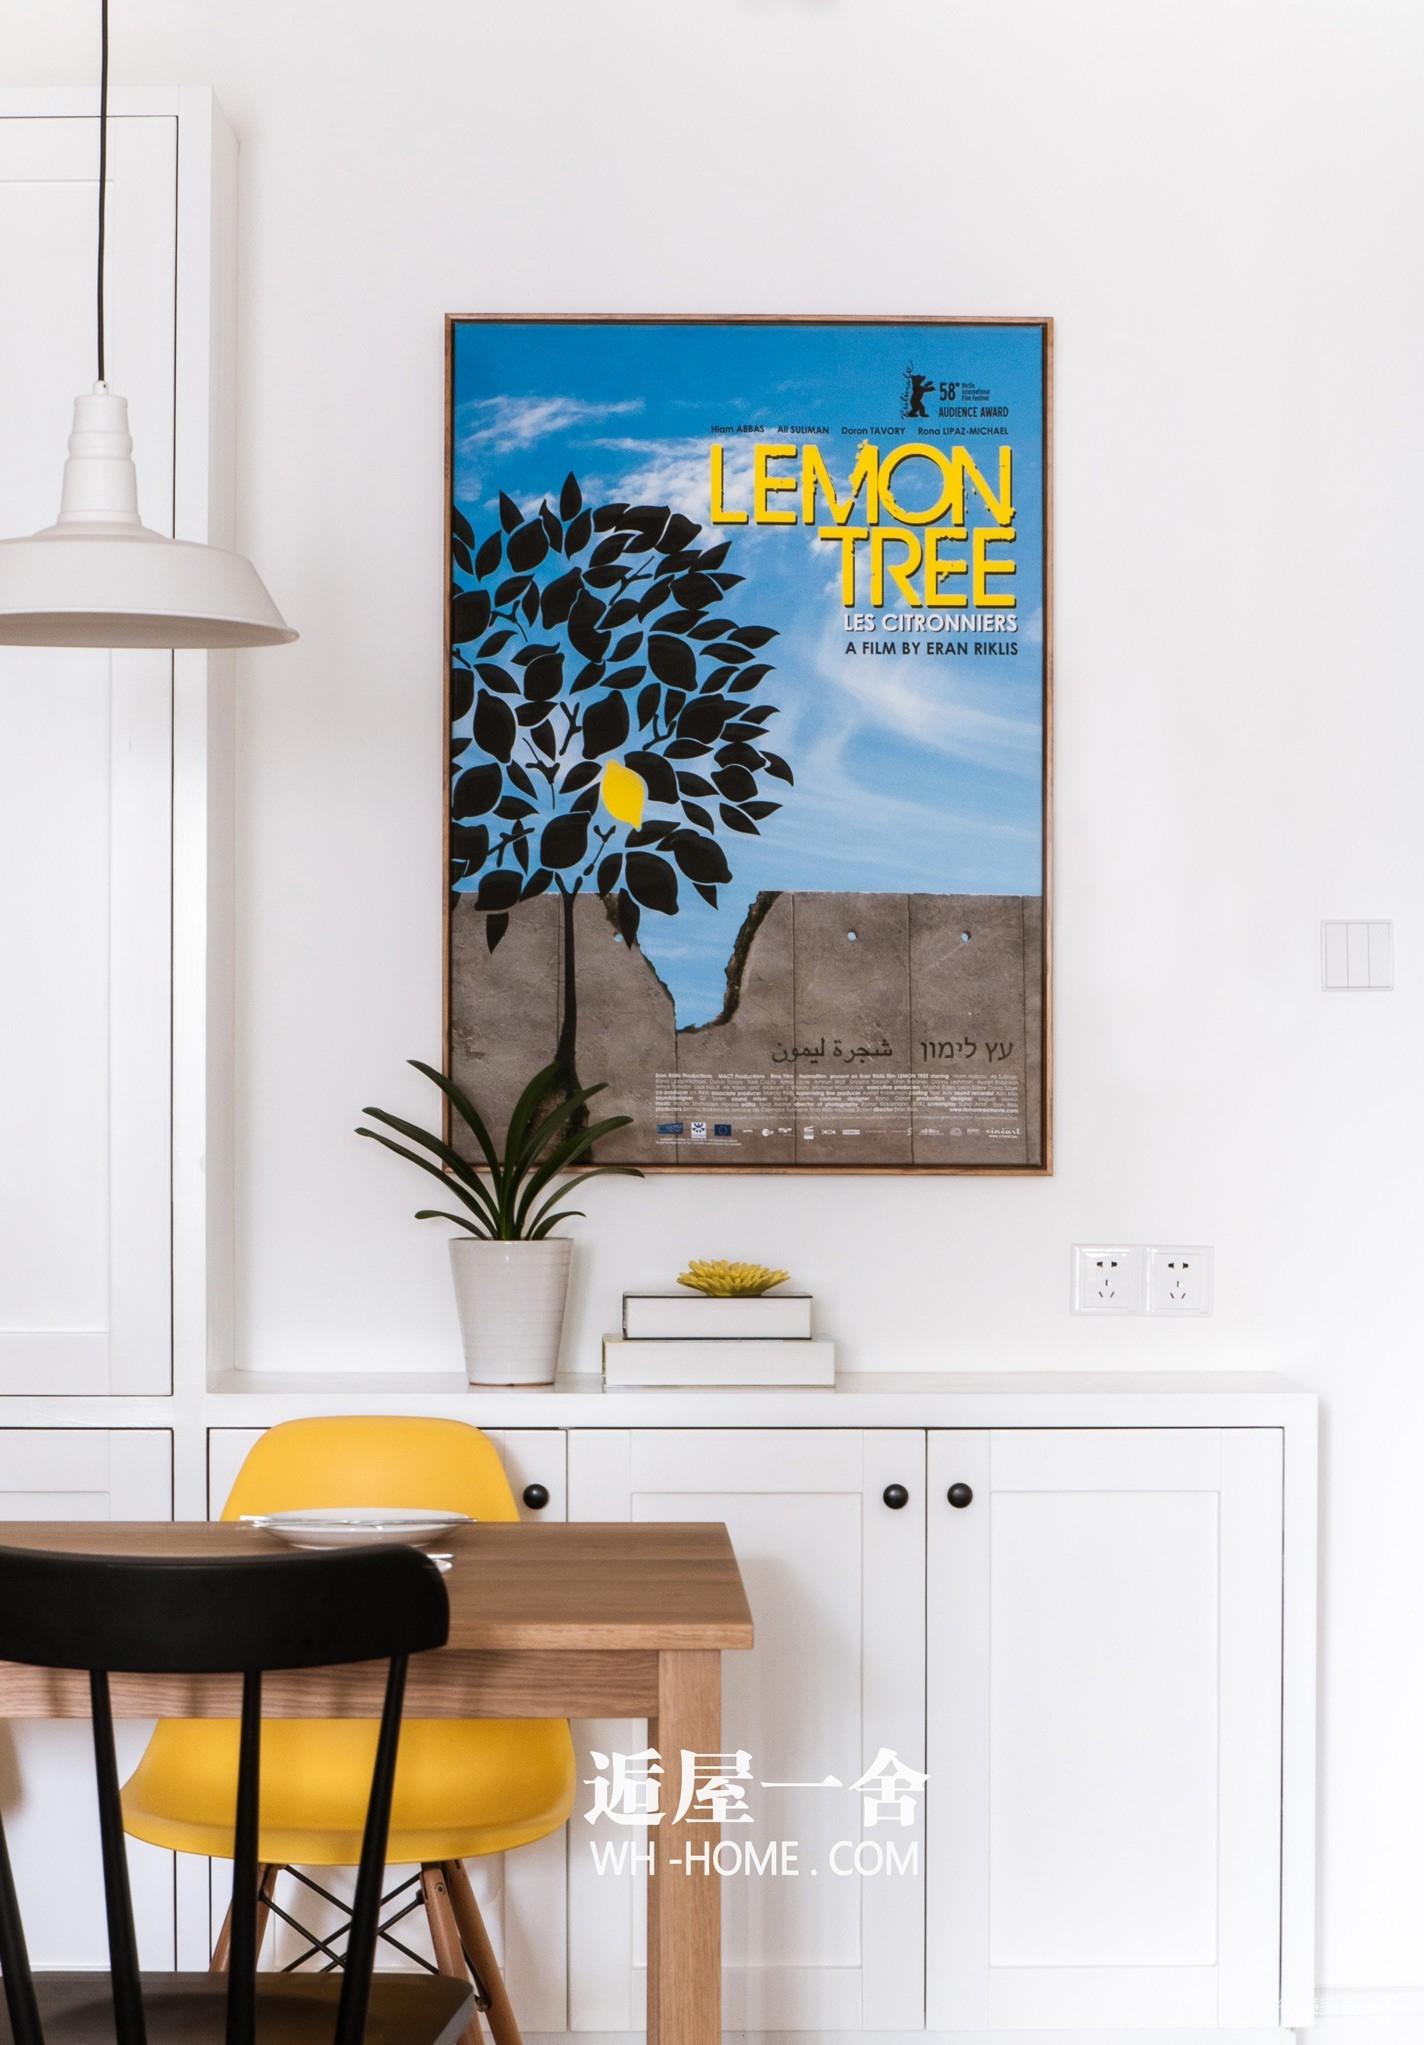 午后柠檬树下的阳光图_15